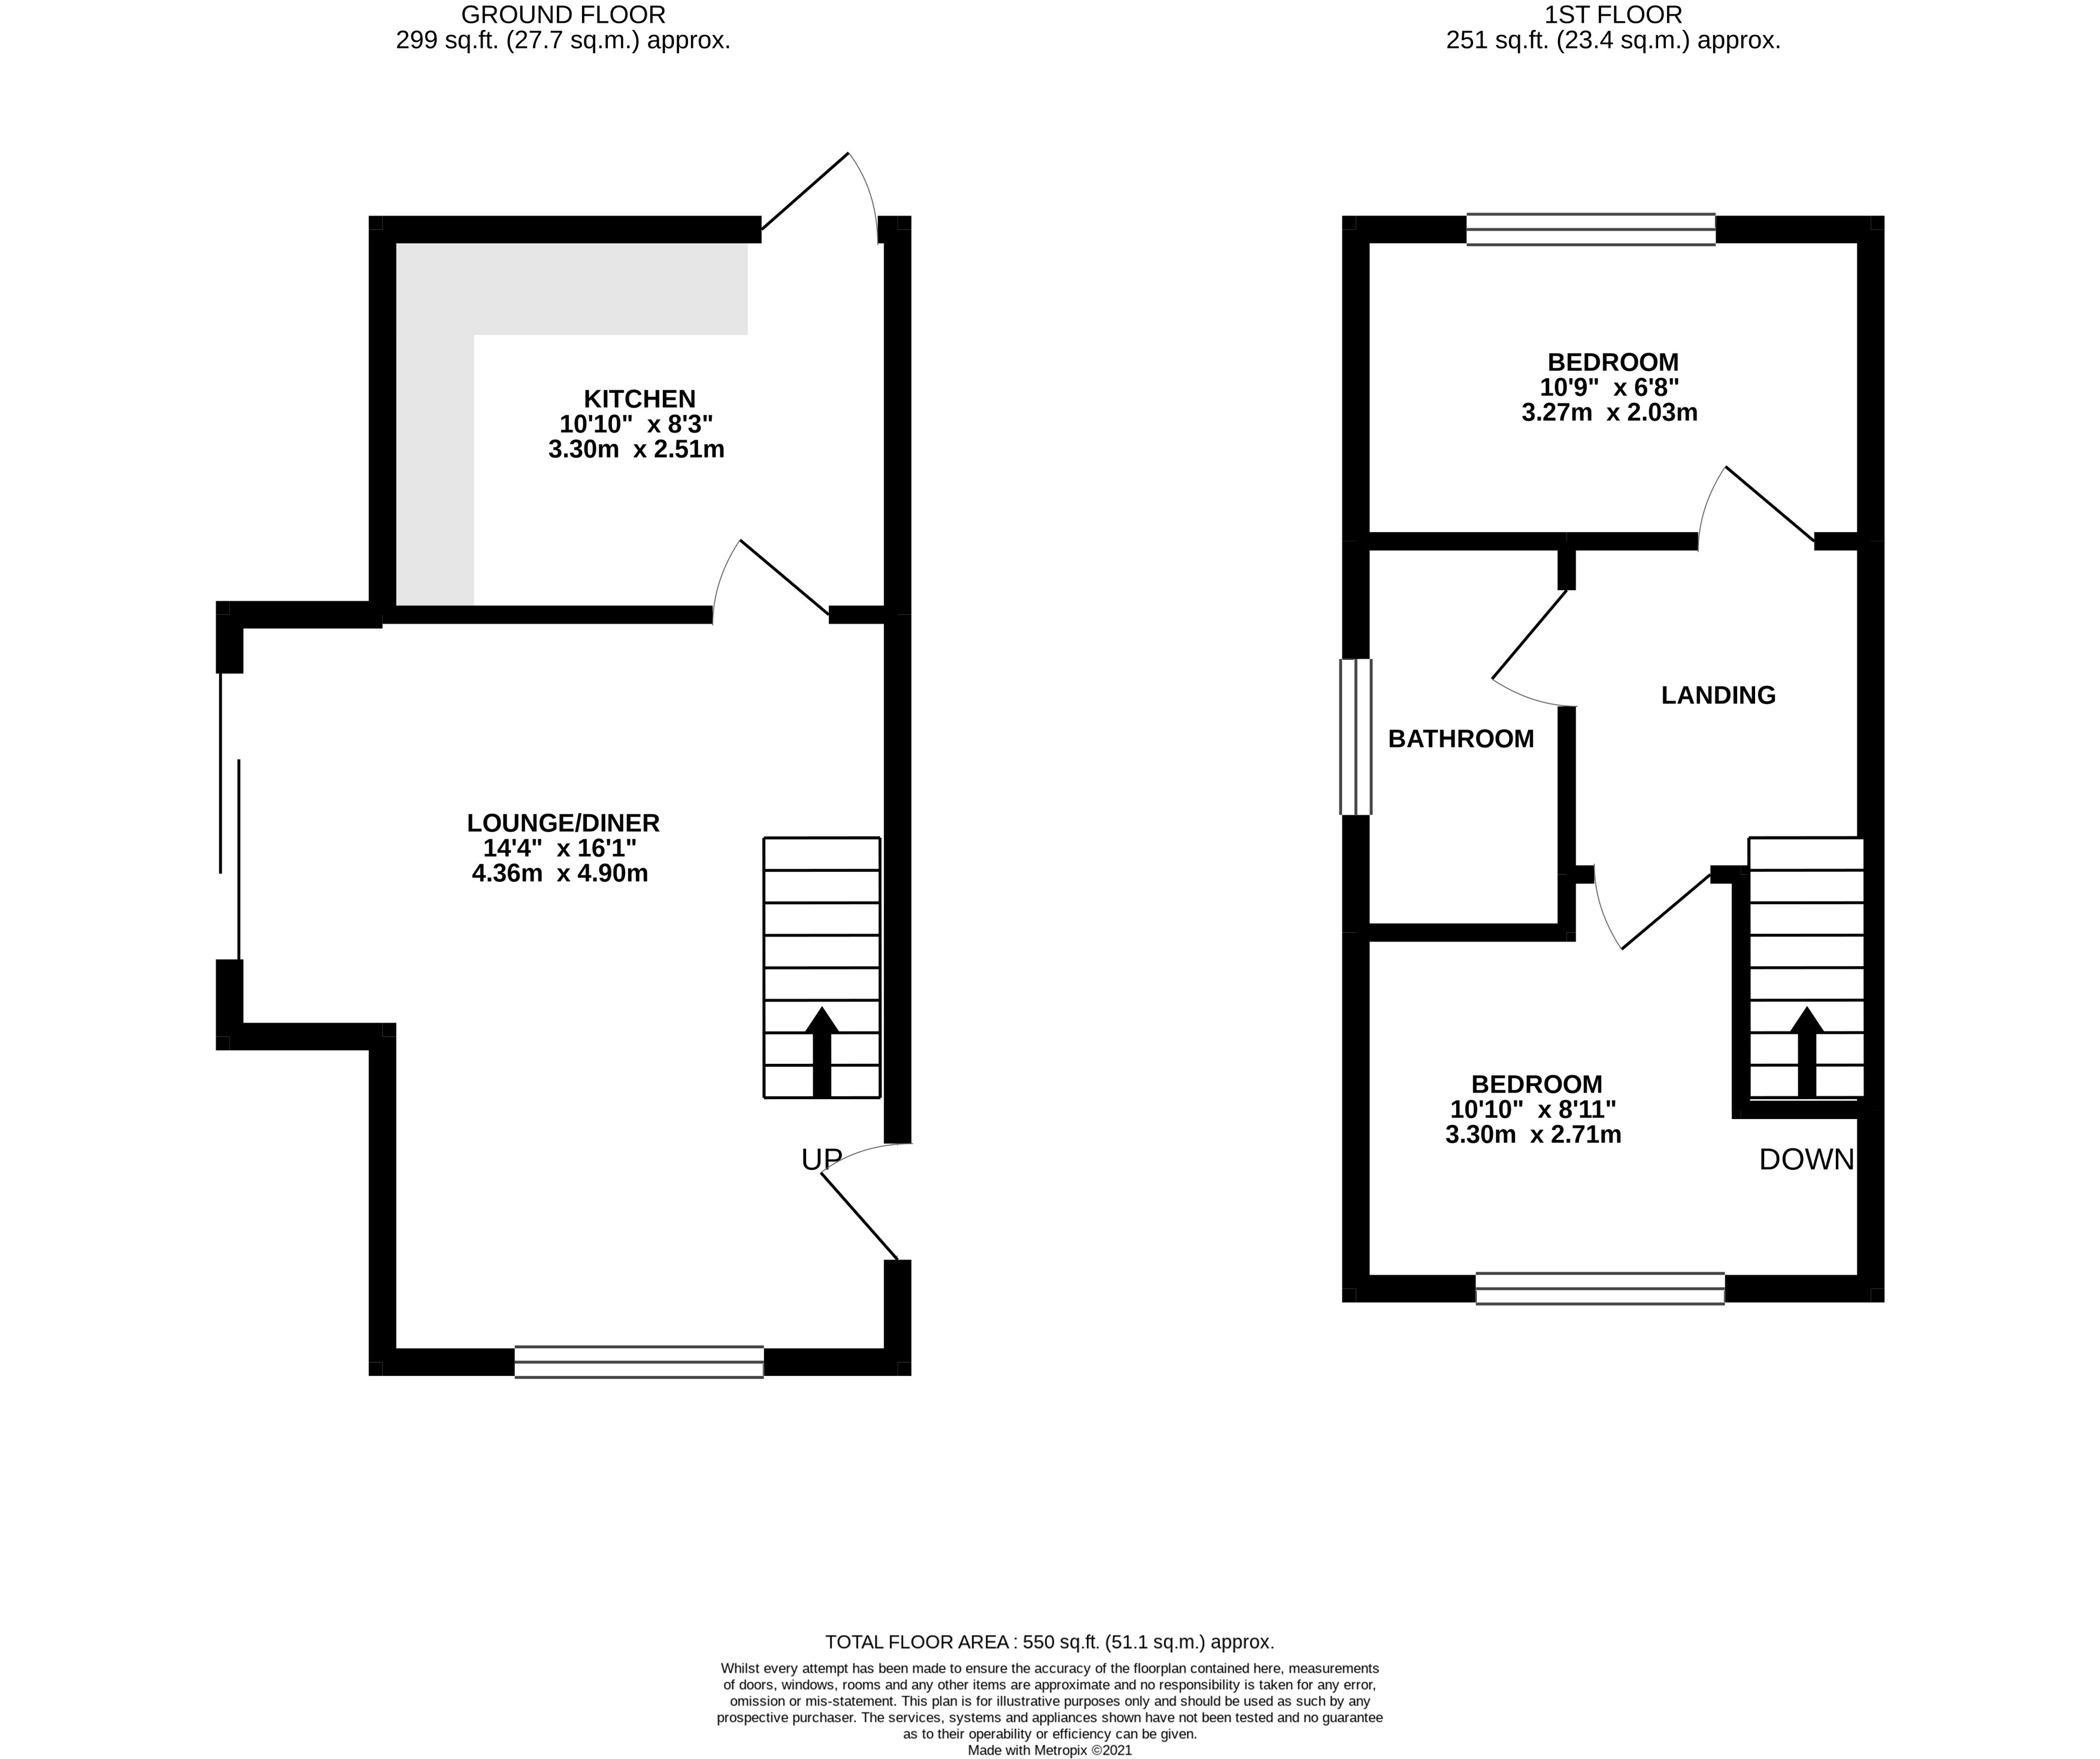 Floor plan for Annexe